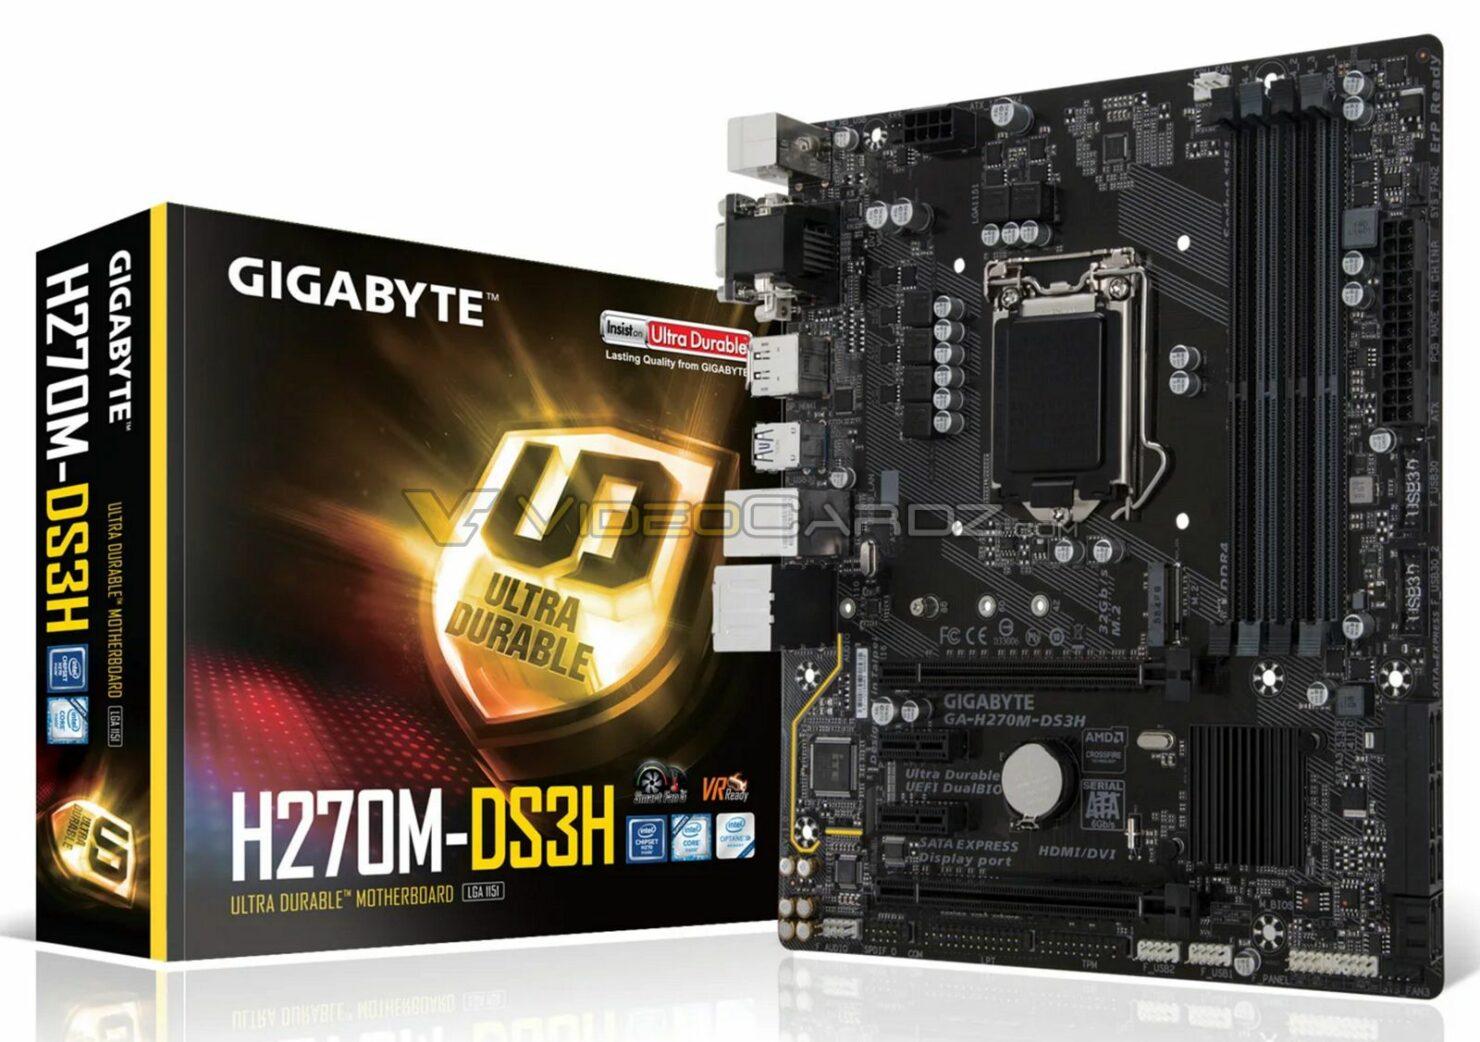 gigabyte-h270m-ds3h